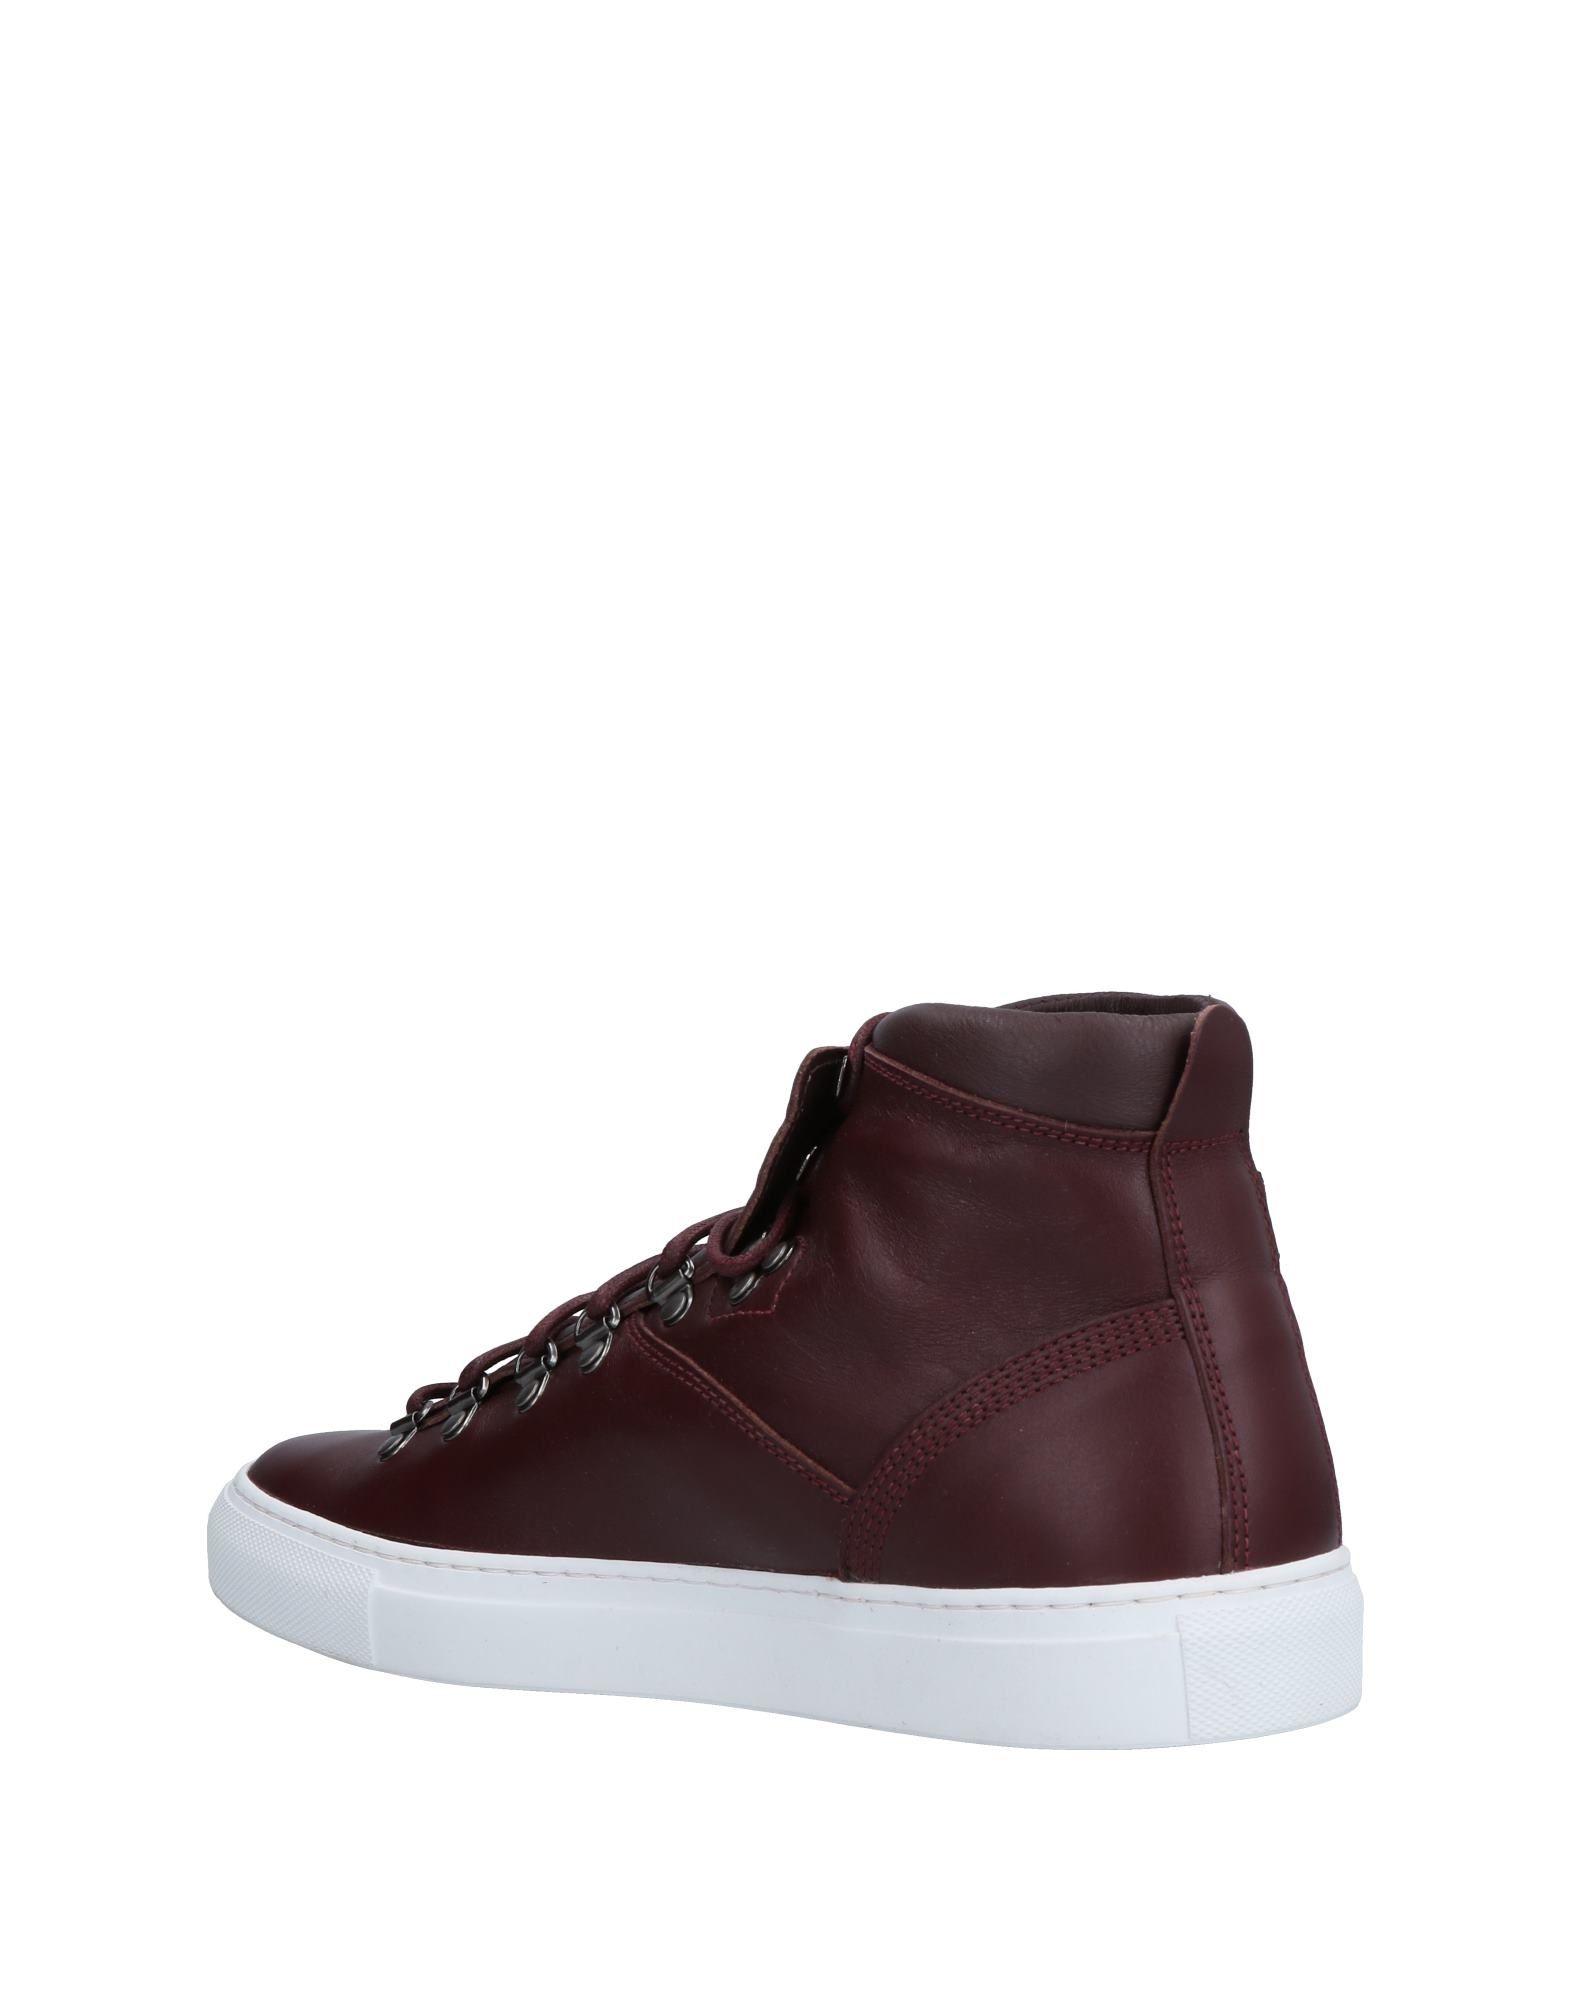 Diemme Sneakers Gute Herren  11507440NU Gute Sneakers Qualität beliebte Schuhe 82d905